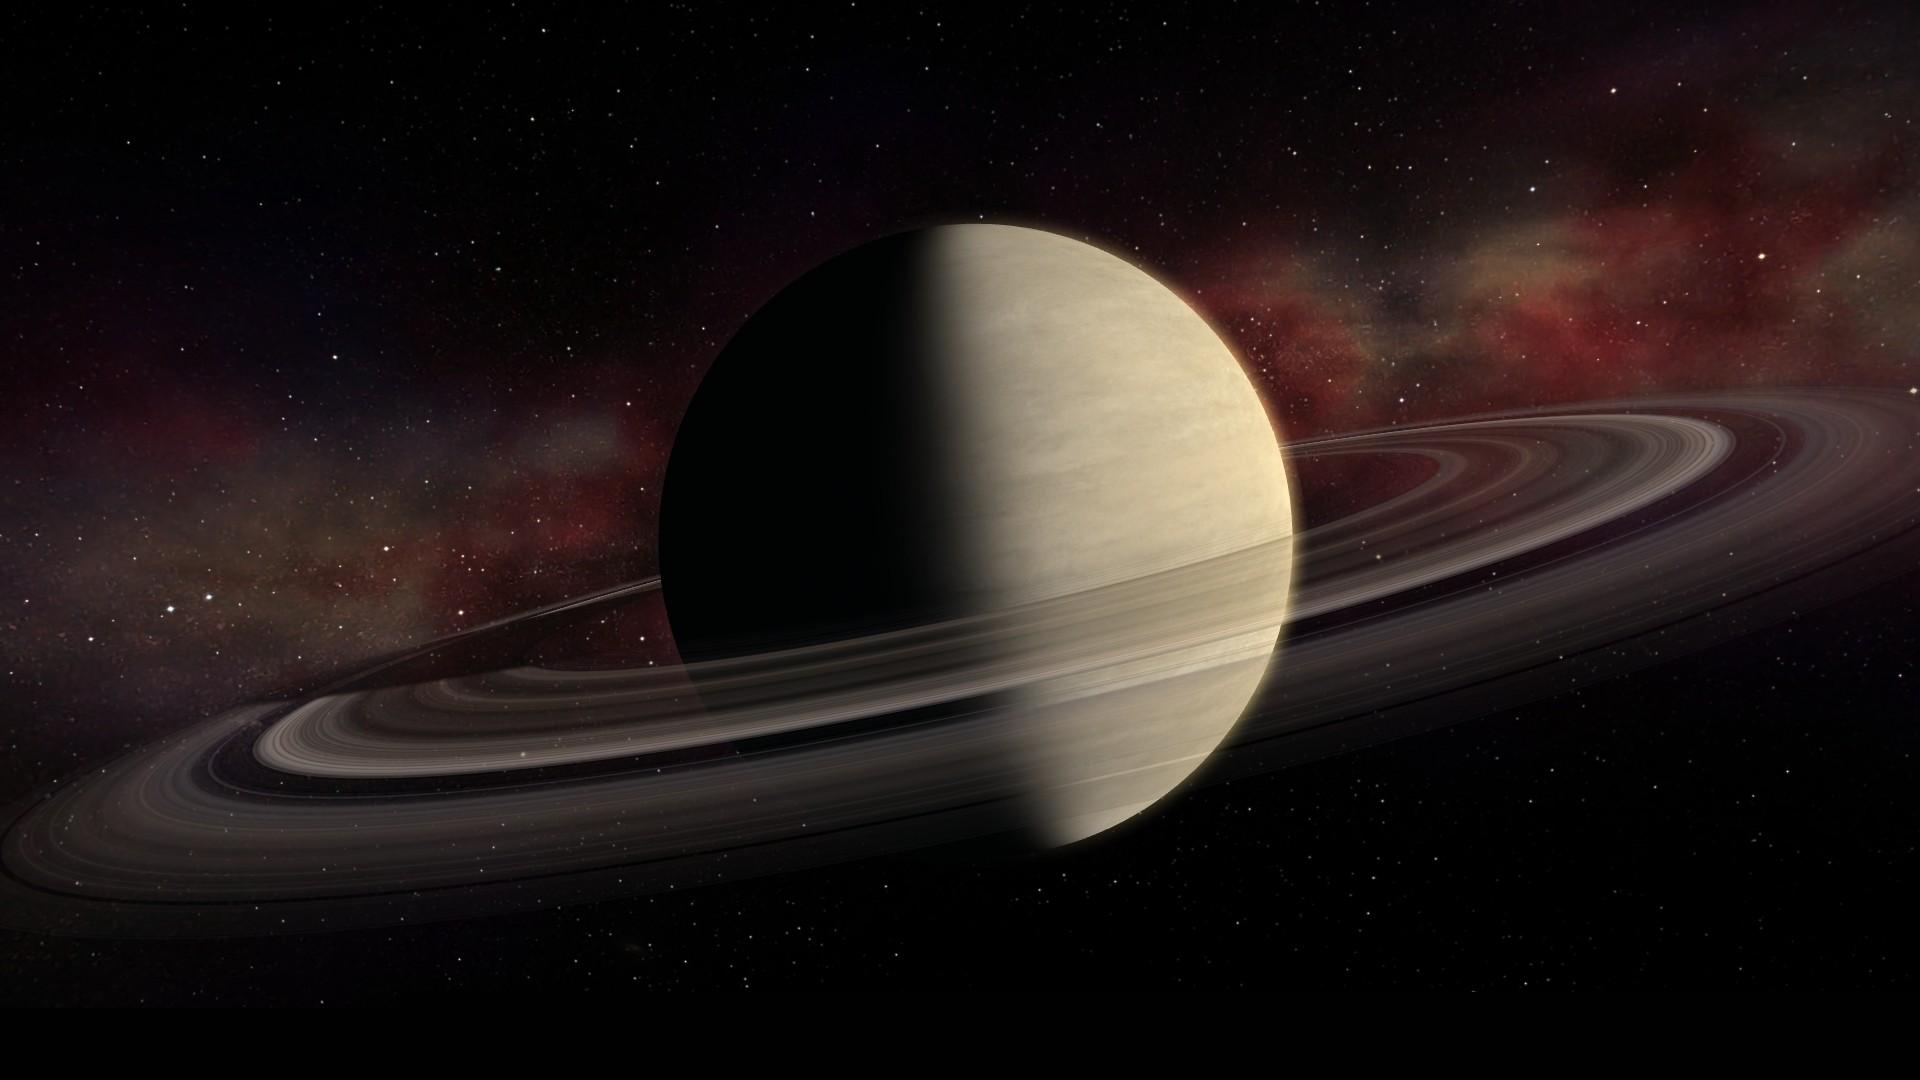 Saturn Wallpaper Image